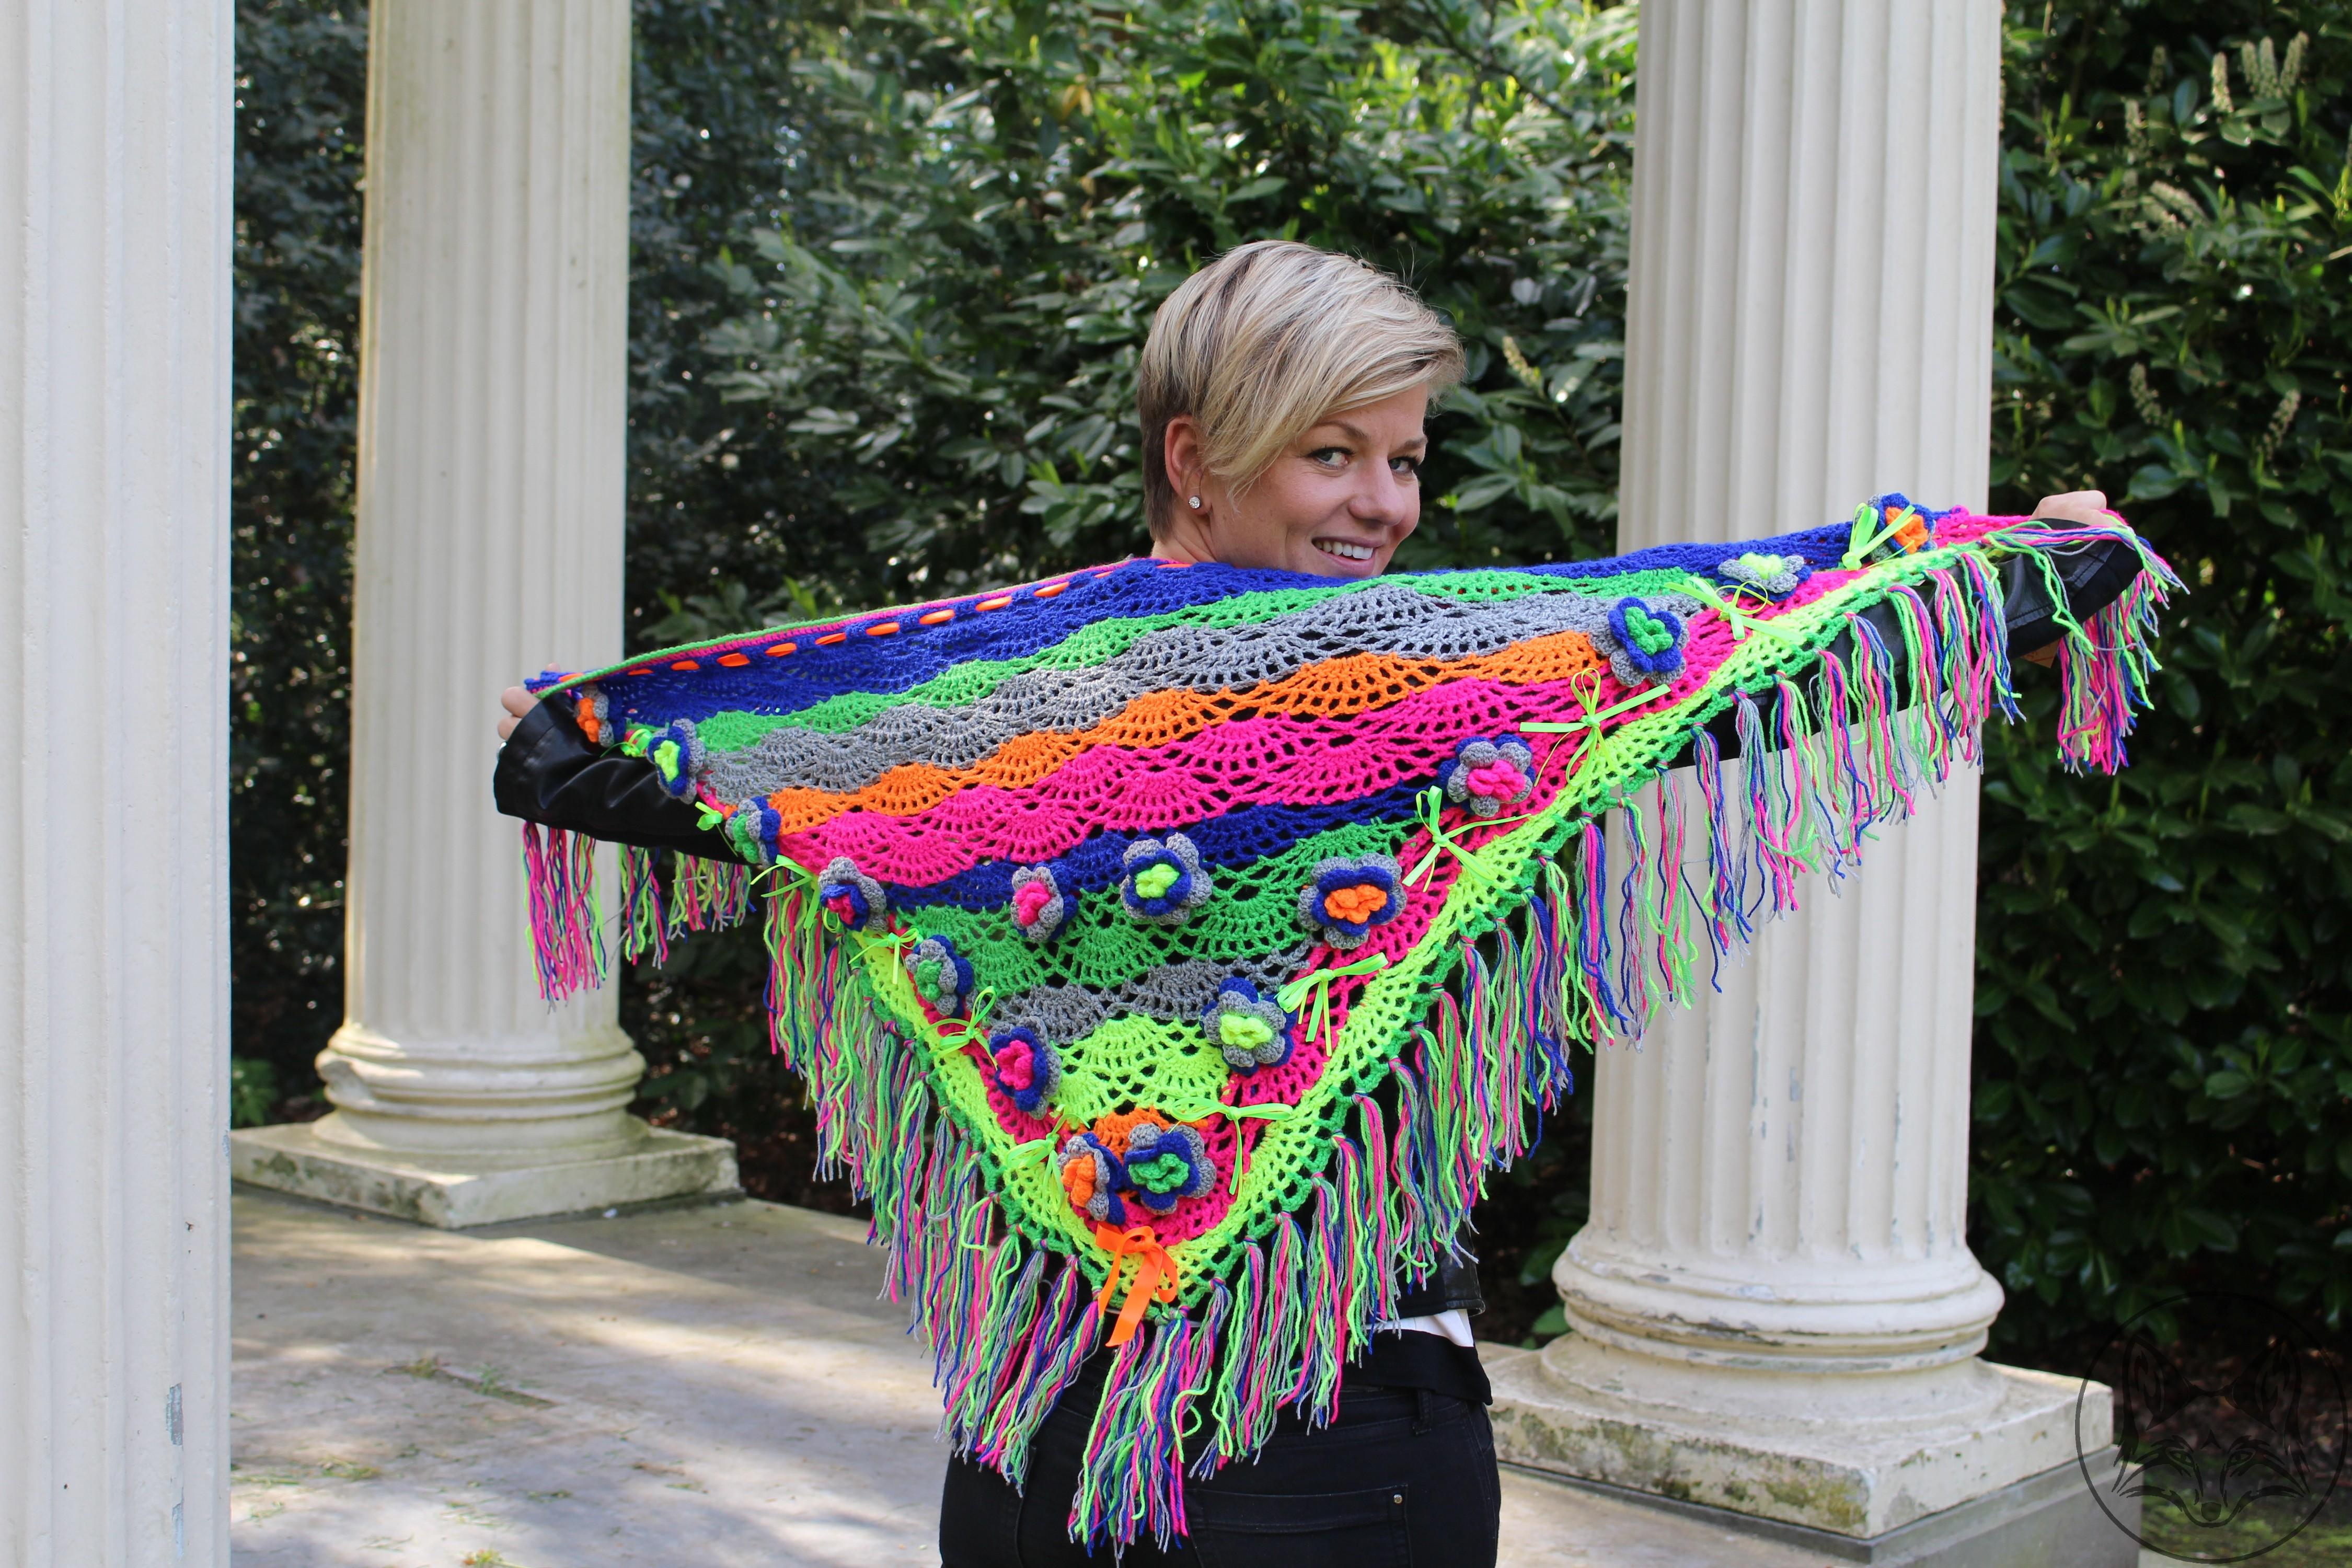 Magnifiek Driehoek sjaal neon/fluor kleuren - La Volpe Moda @TY55